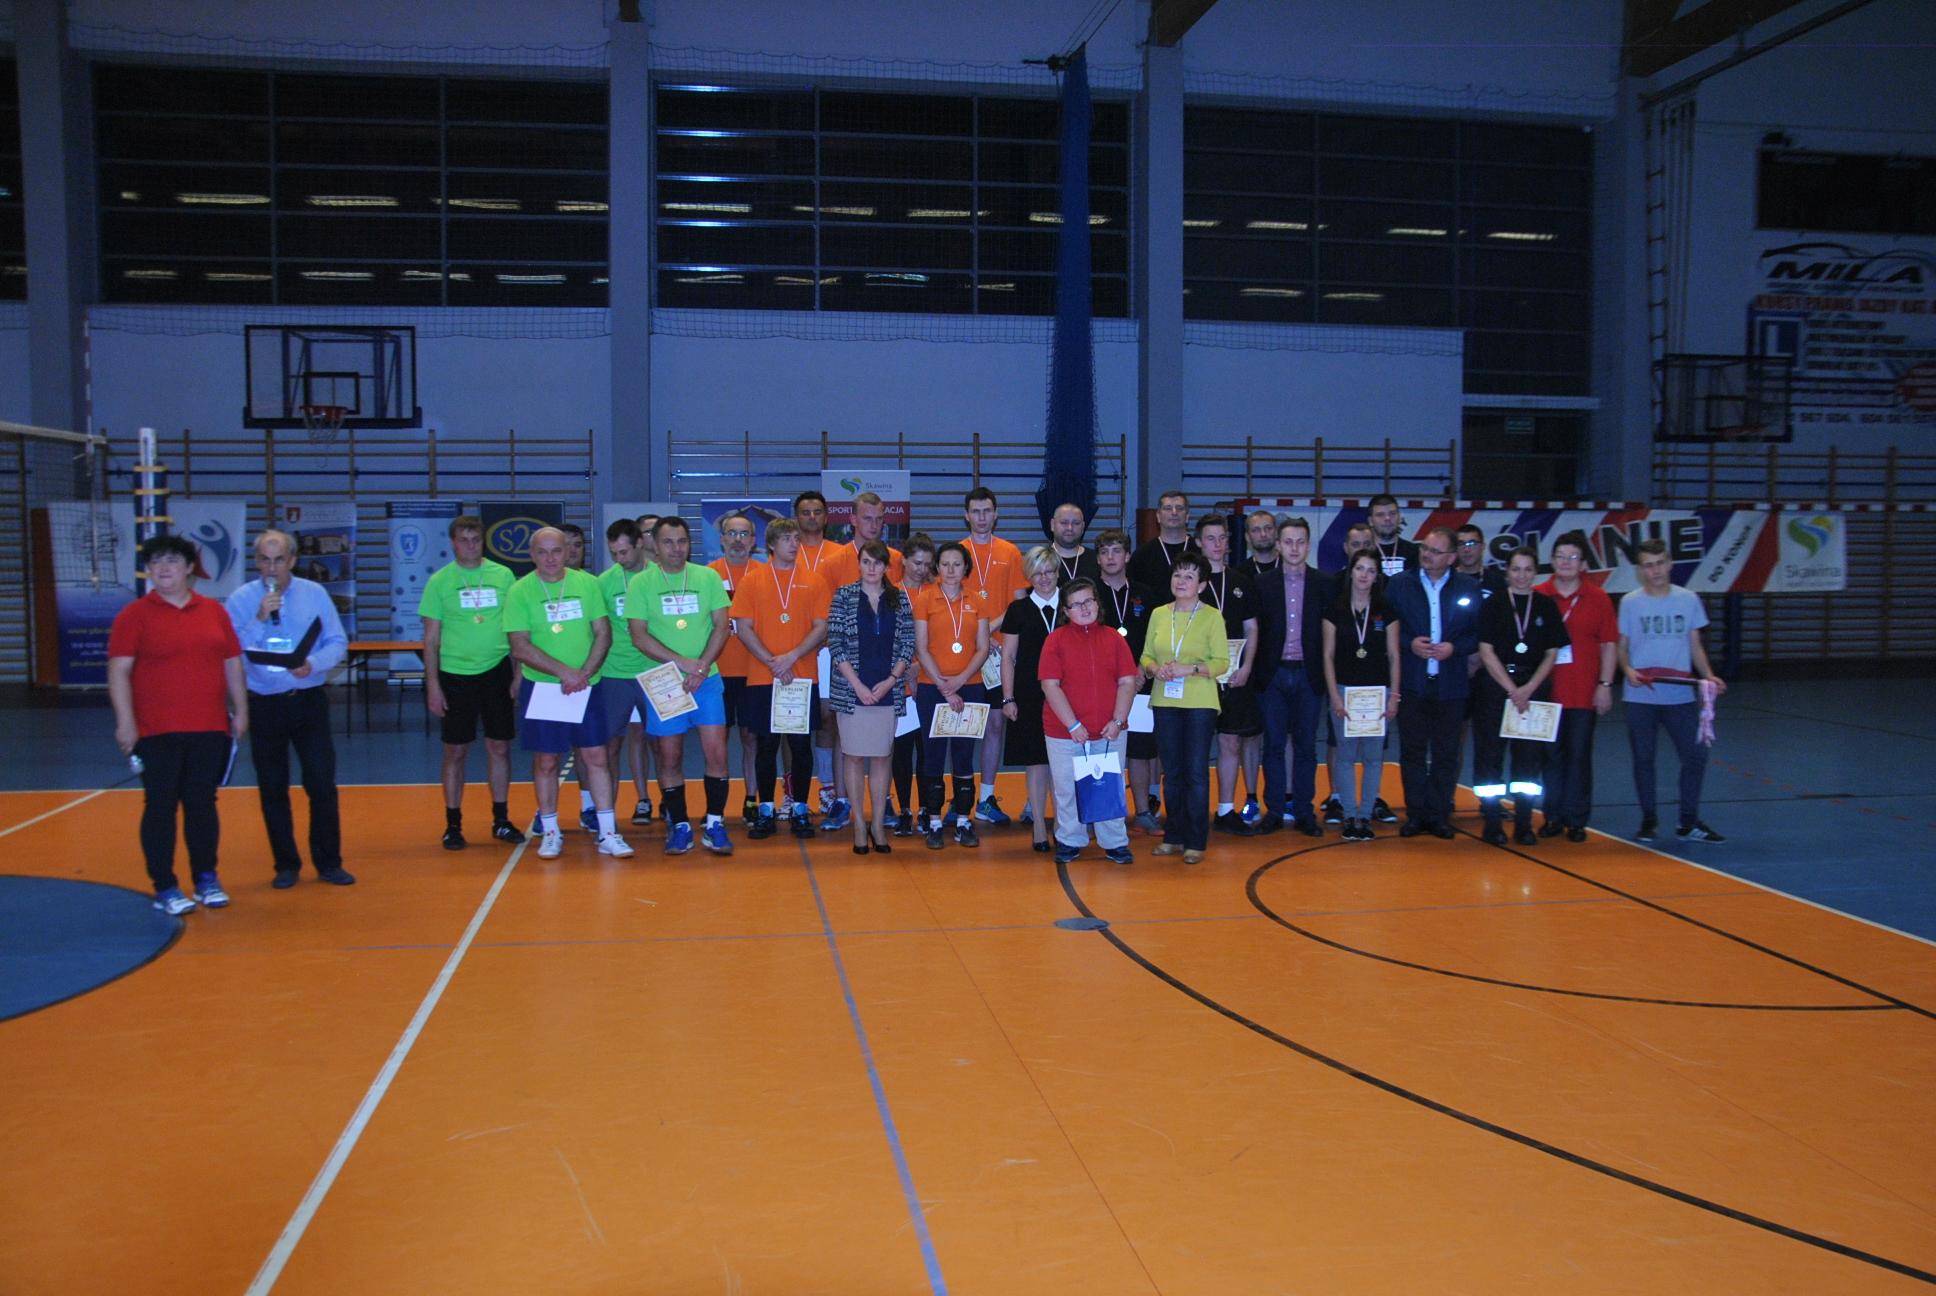 II Charytatywny Turniej Piłki Siatkowej